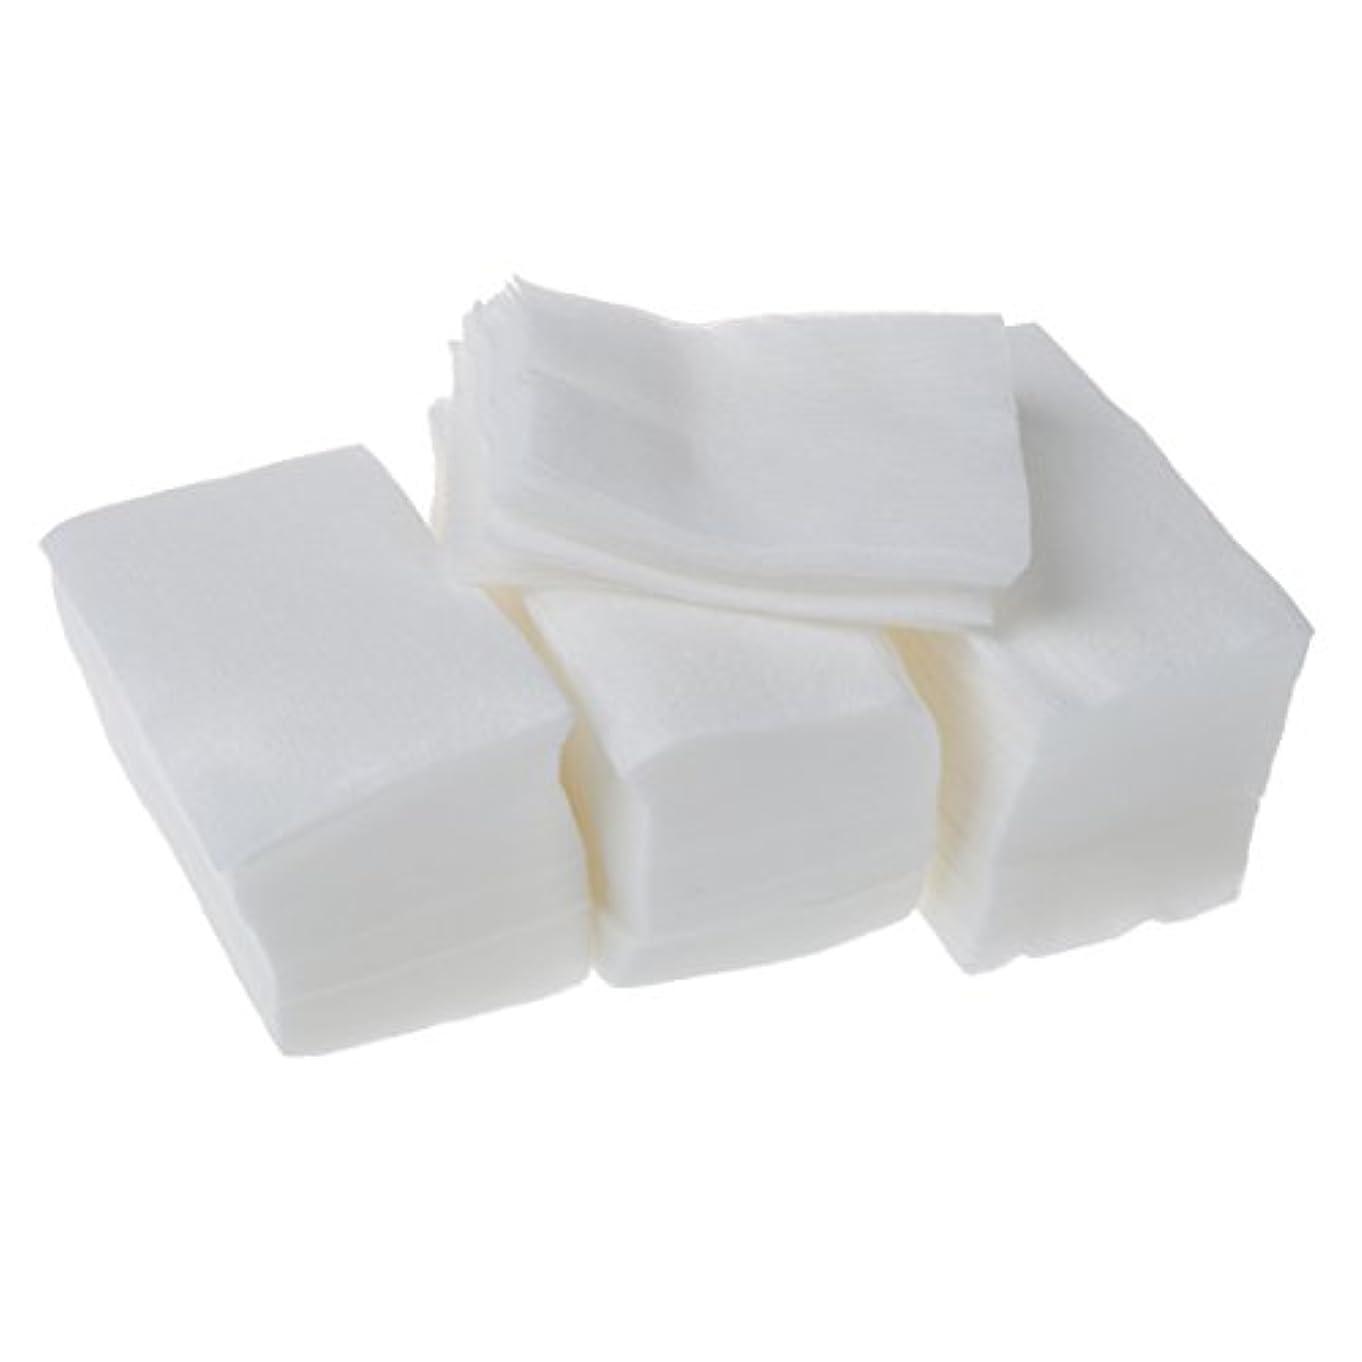 バランス勧告パケットupperx 320個 レディ ホワイト ネイルポリッシュリムーバ 長方形フェイスクリーニング コットンパッド